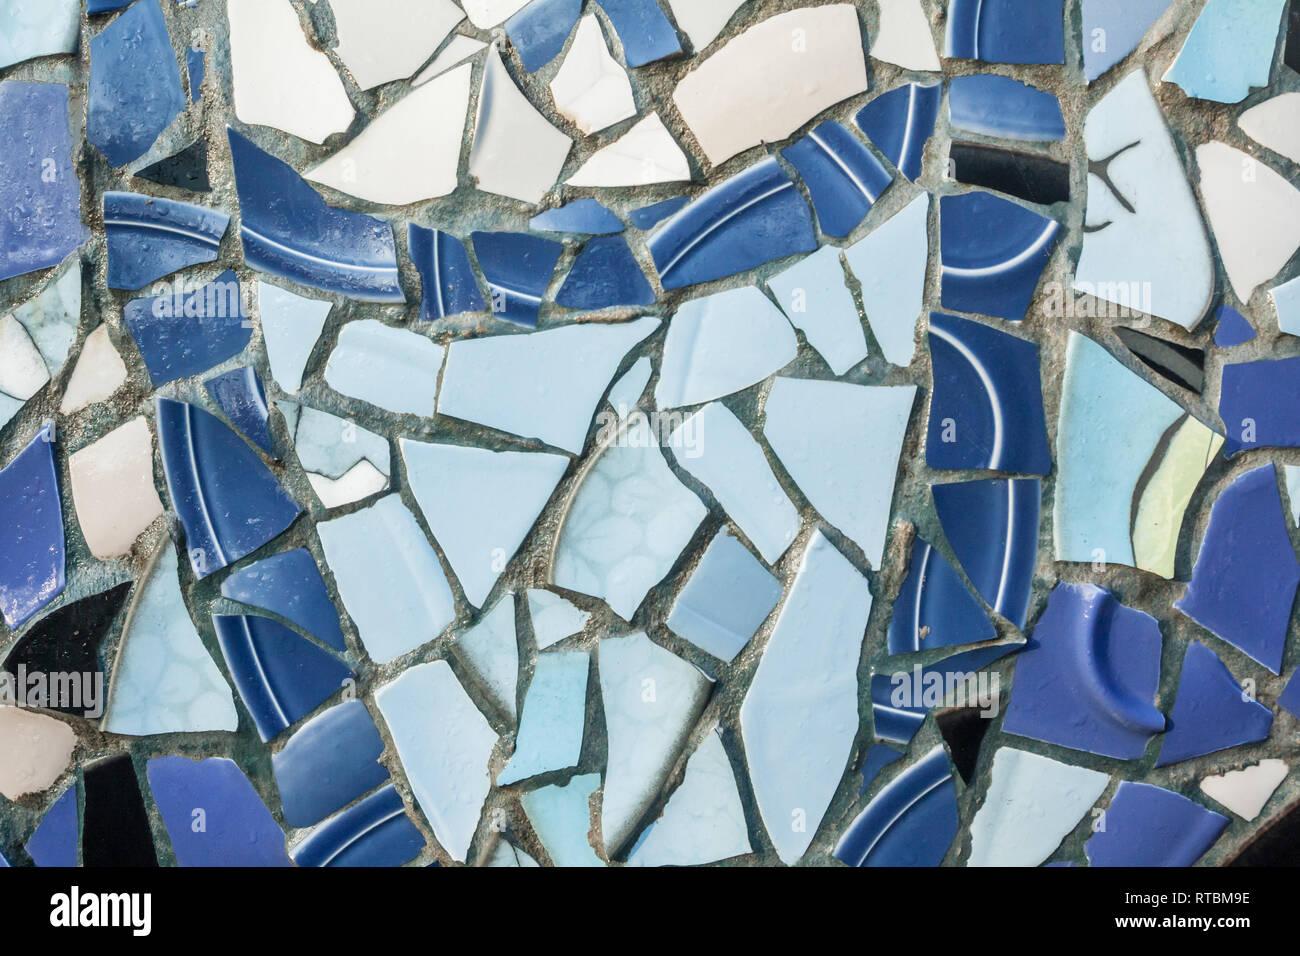 Antecedentes De La Húmeda Pared De Mosaicos Decorativos De